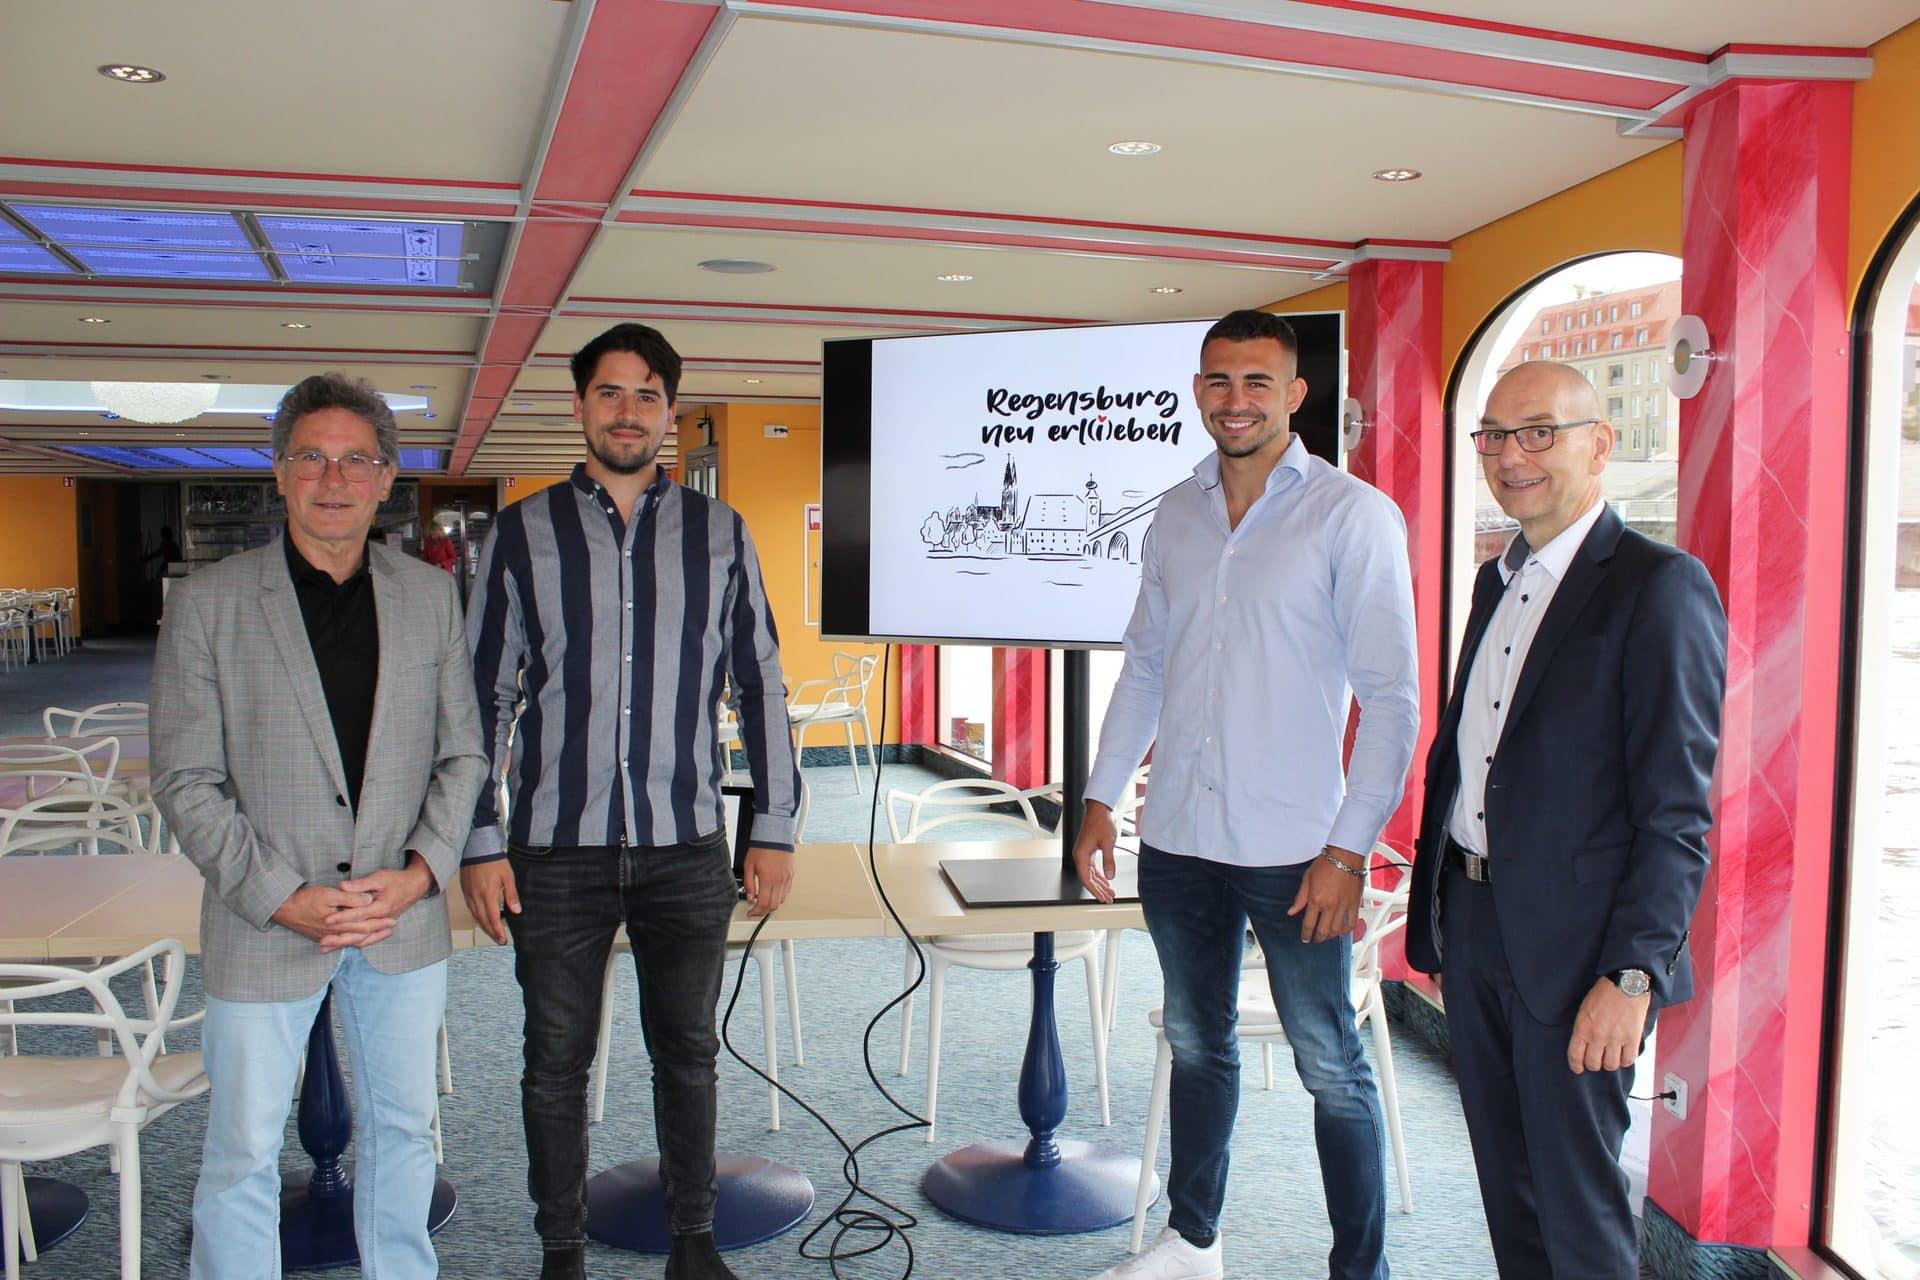 """Stadtmarketing lädt mit Video-Kampagne in die Stadt ein """"Regensburg neu erl(i)eben"""""""